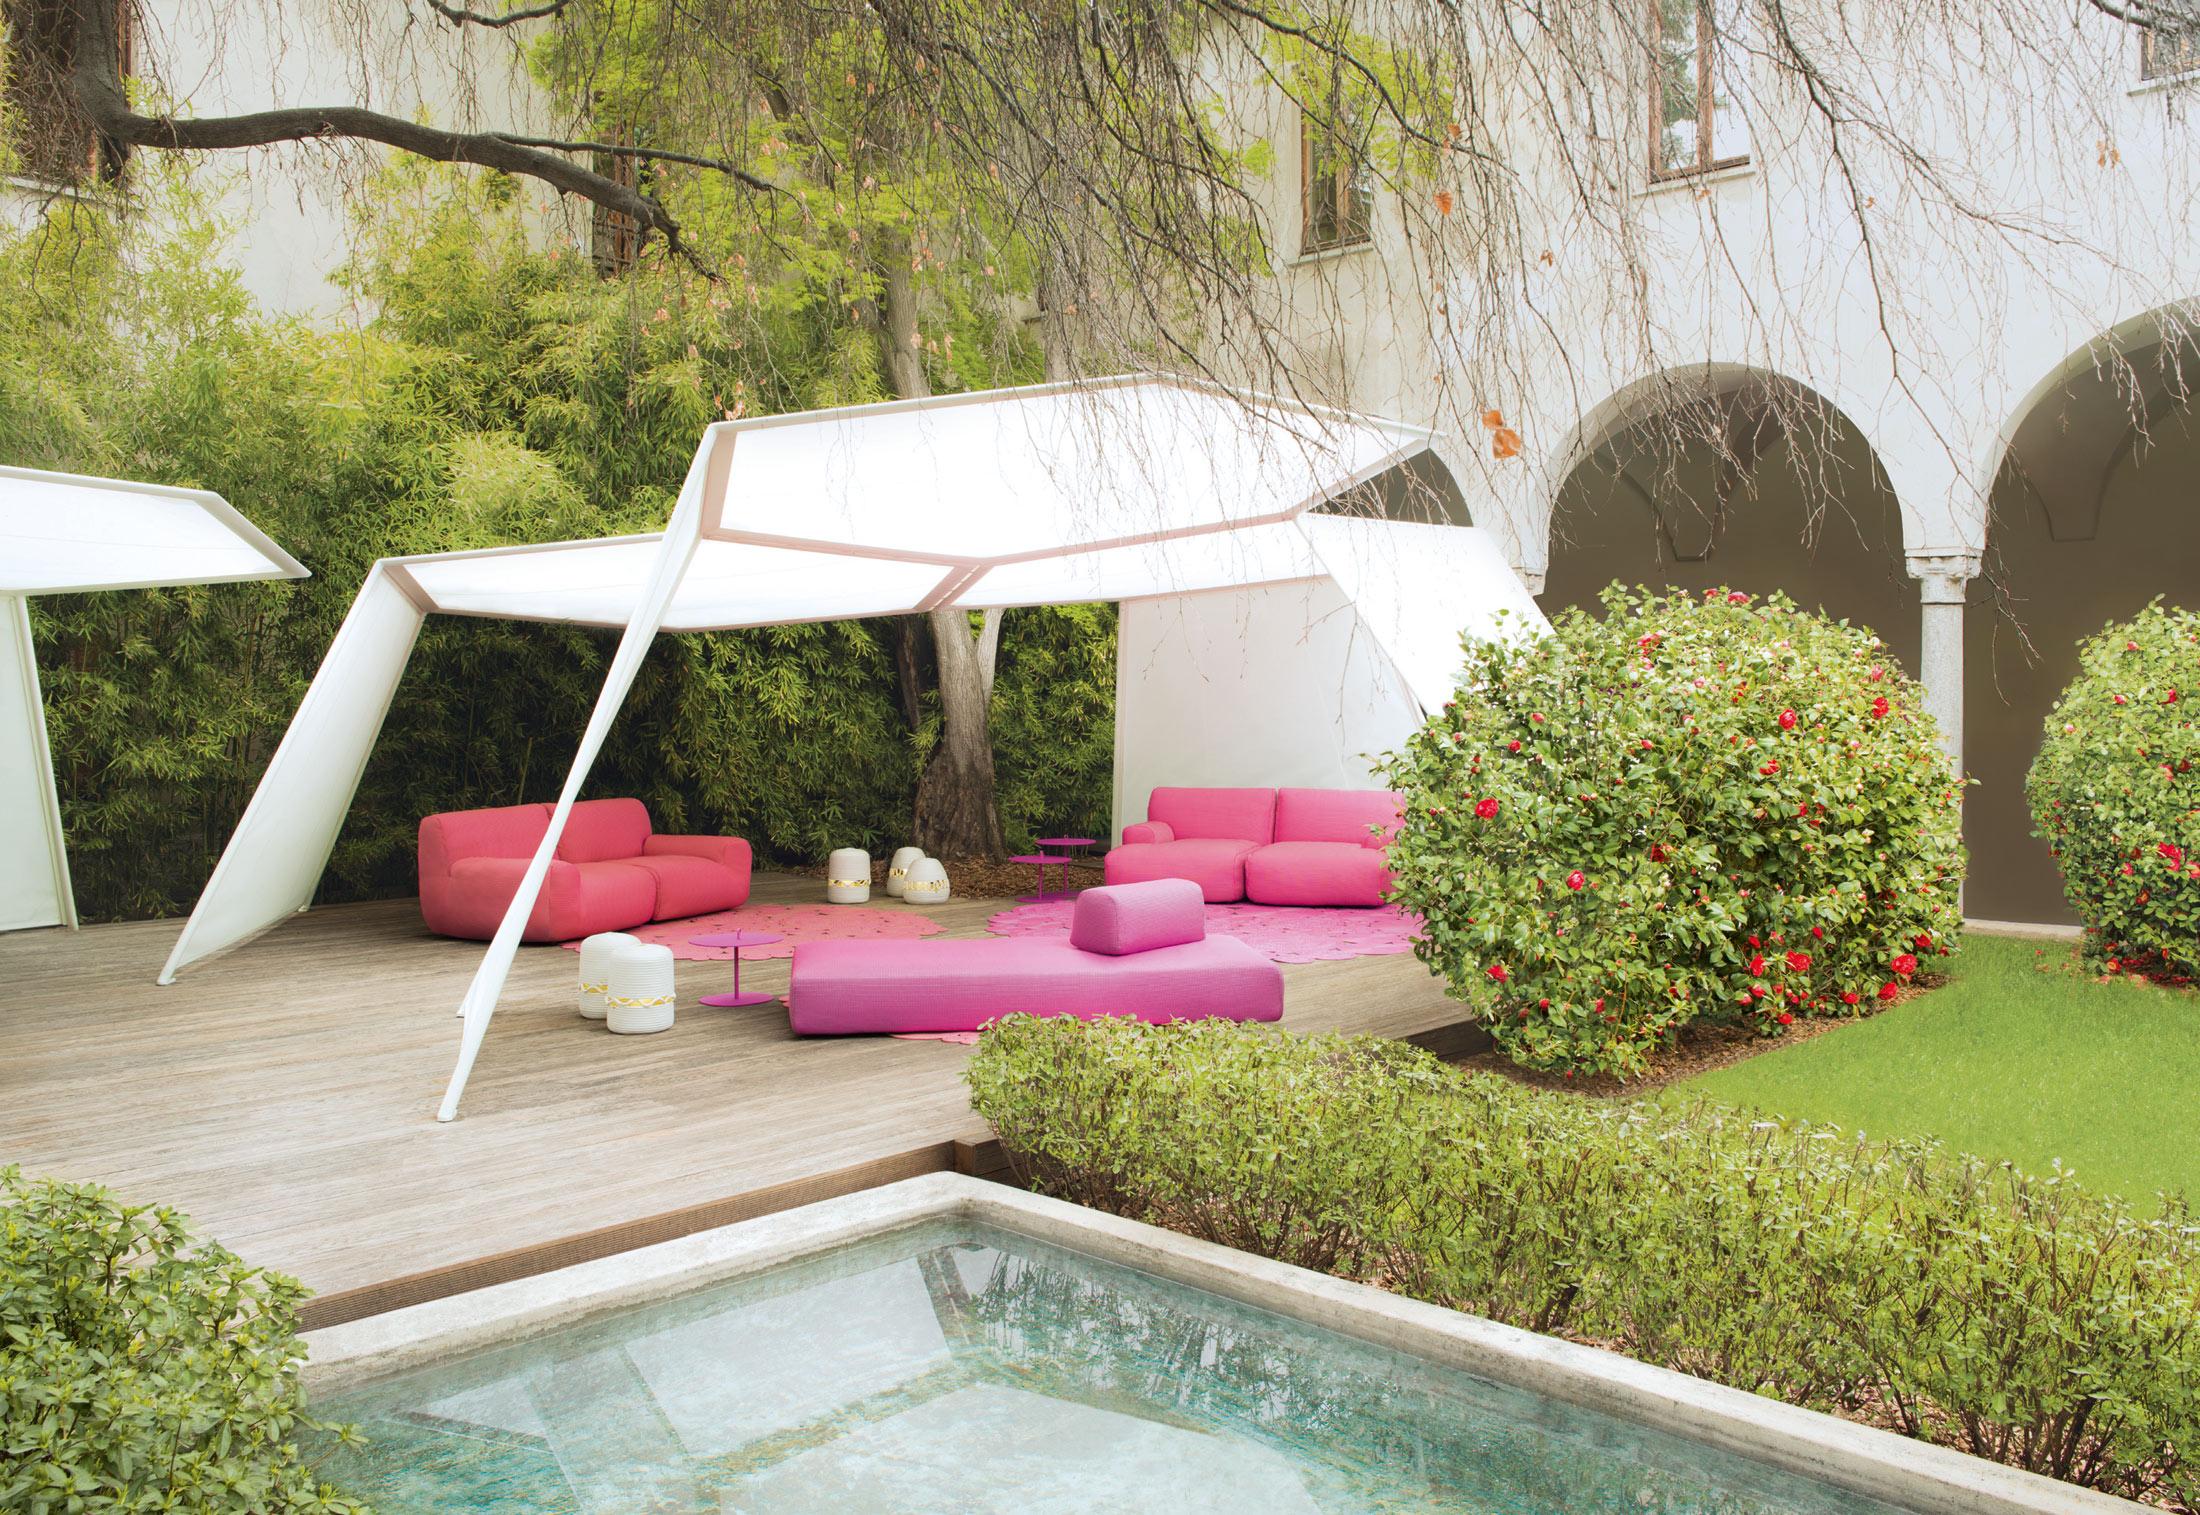 Pavilion by Paola Lenti | STYLEPARK